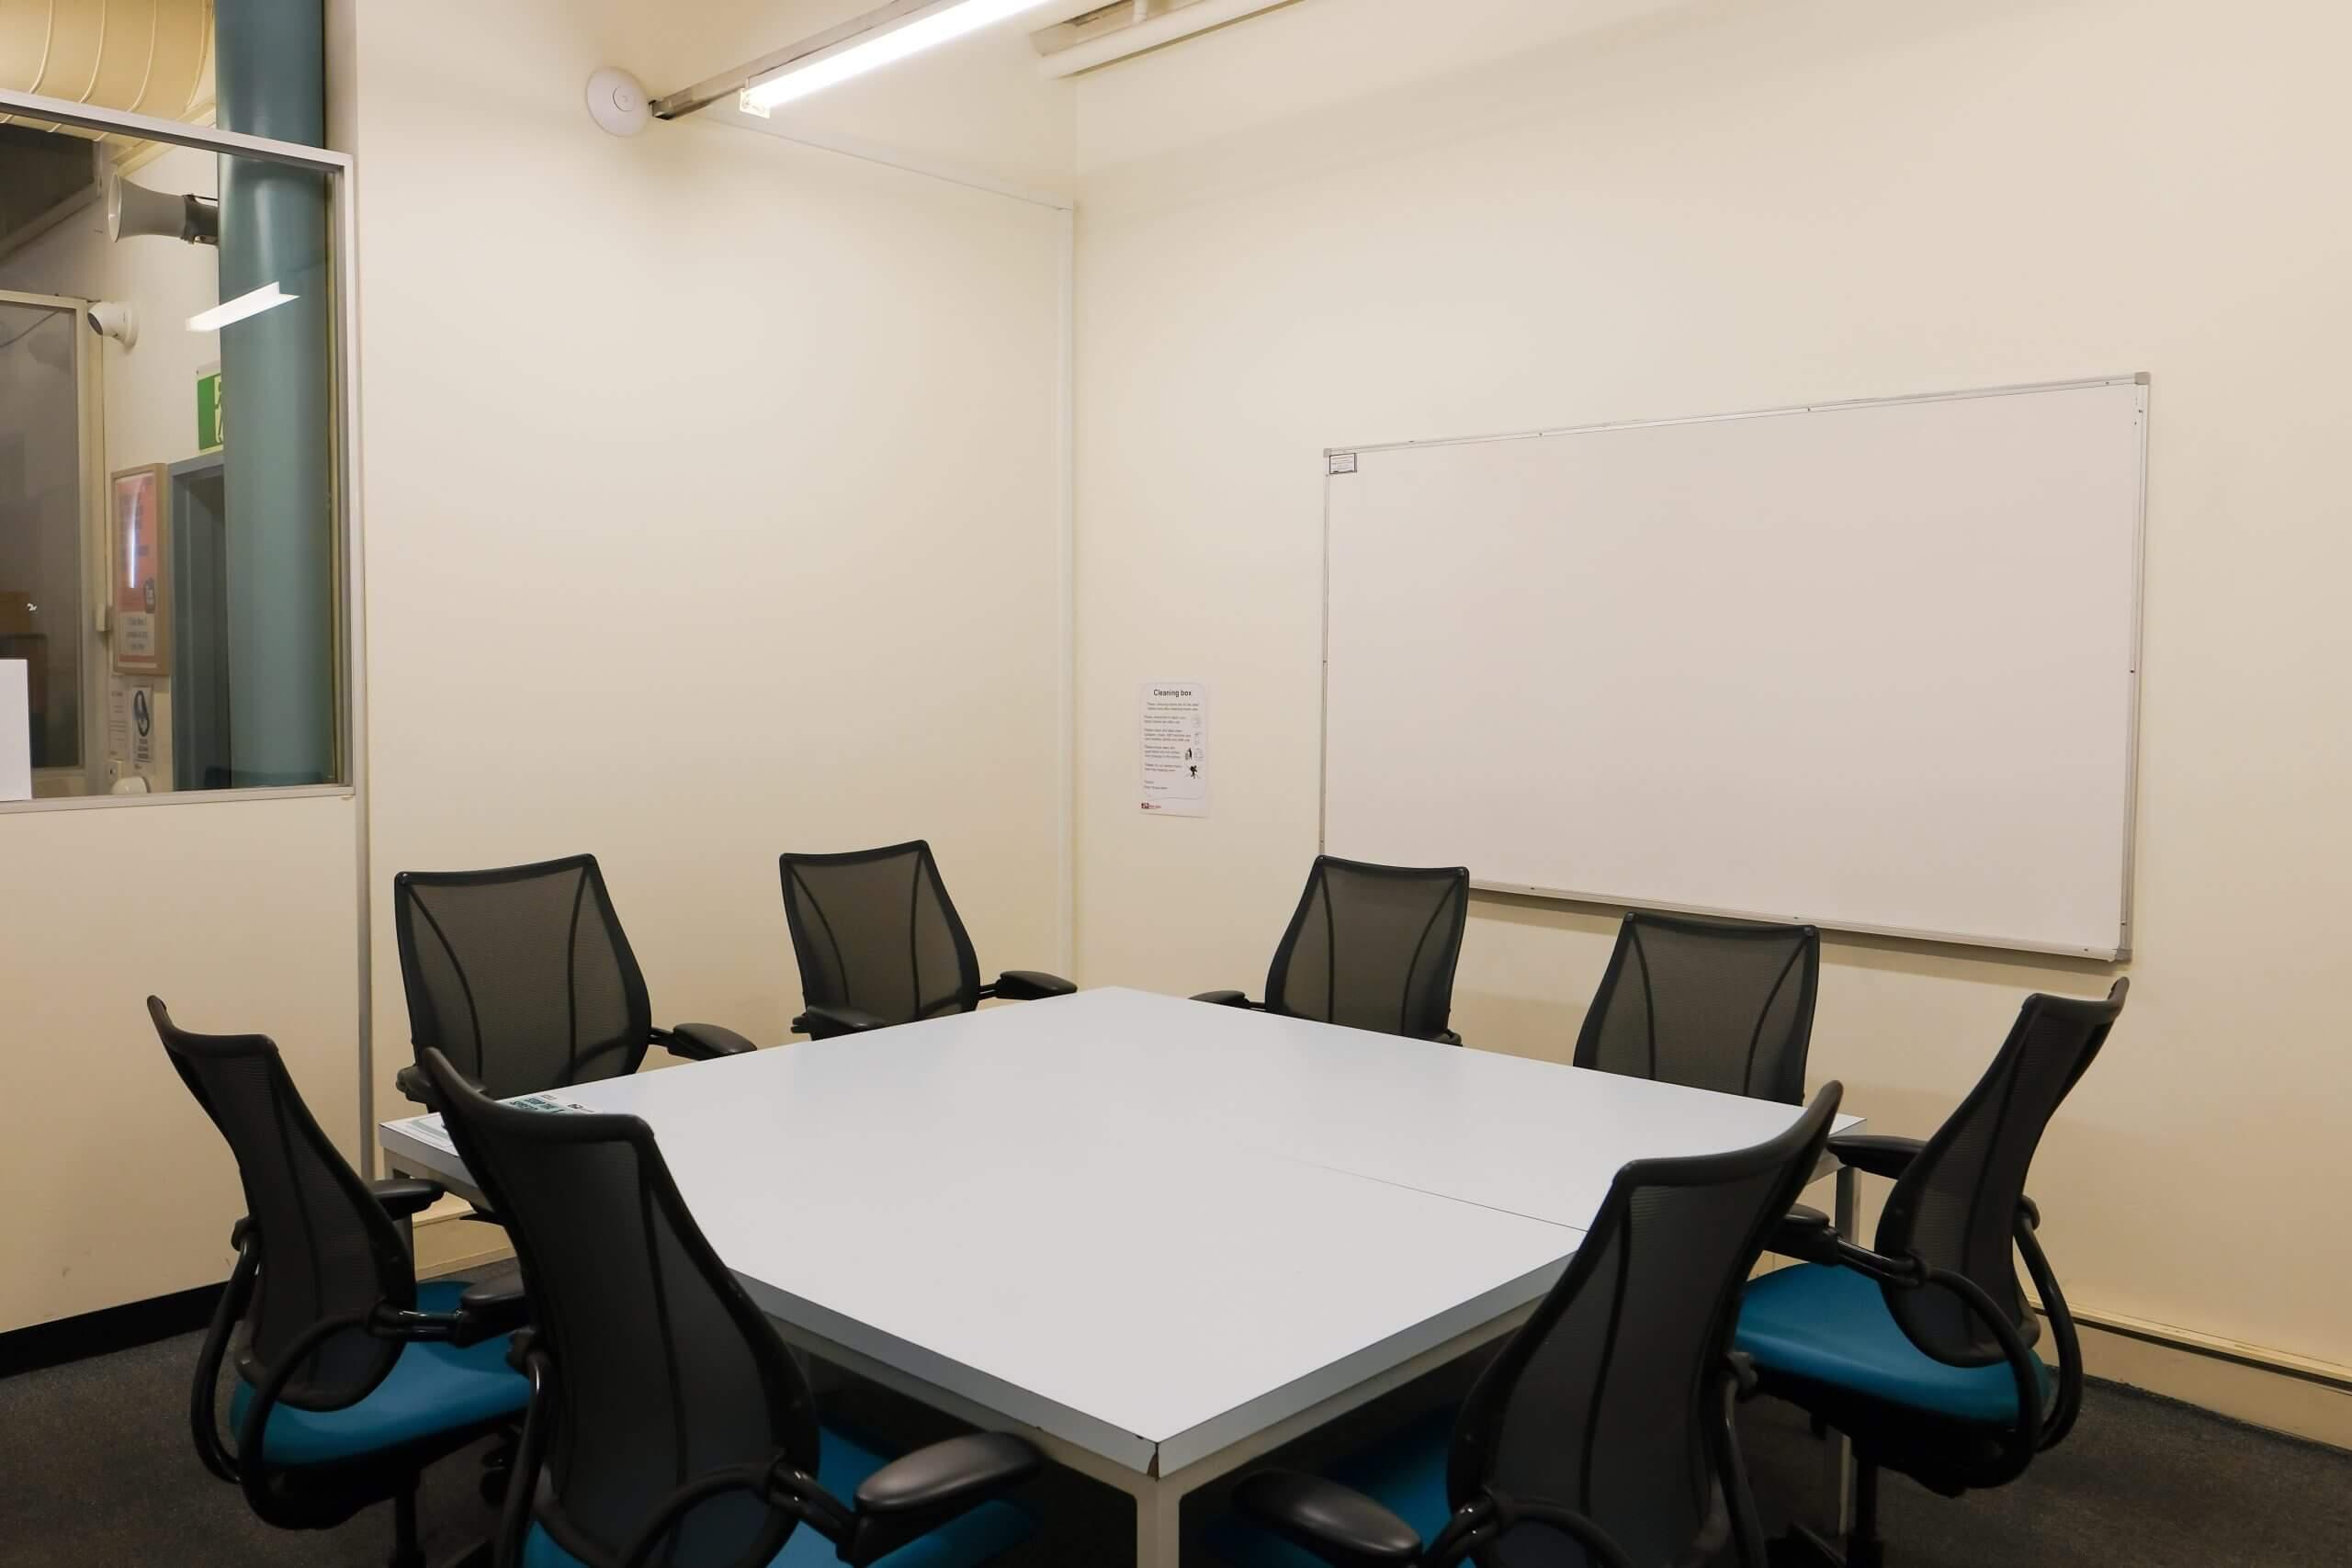 4.2 – Meeting Room